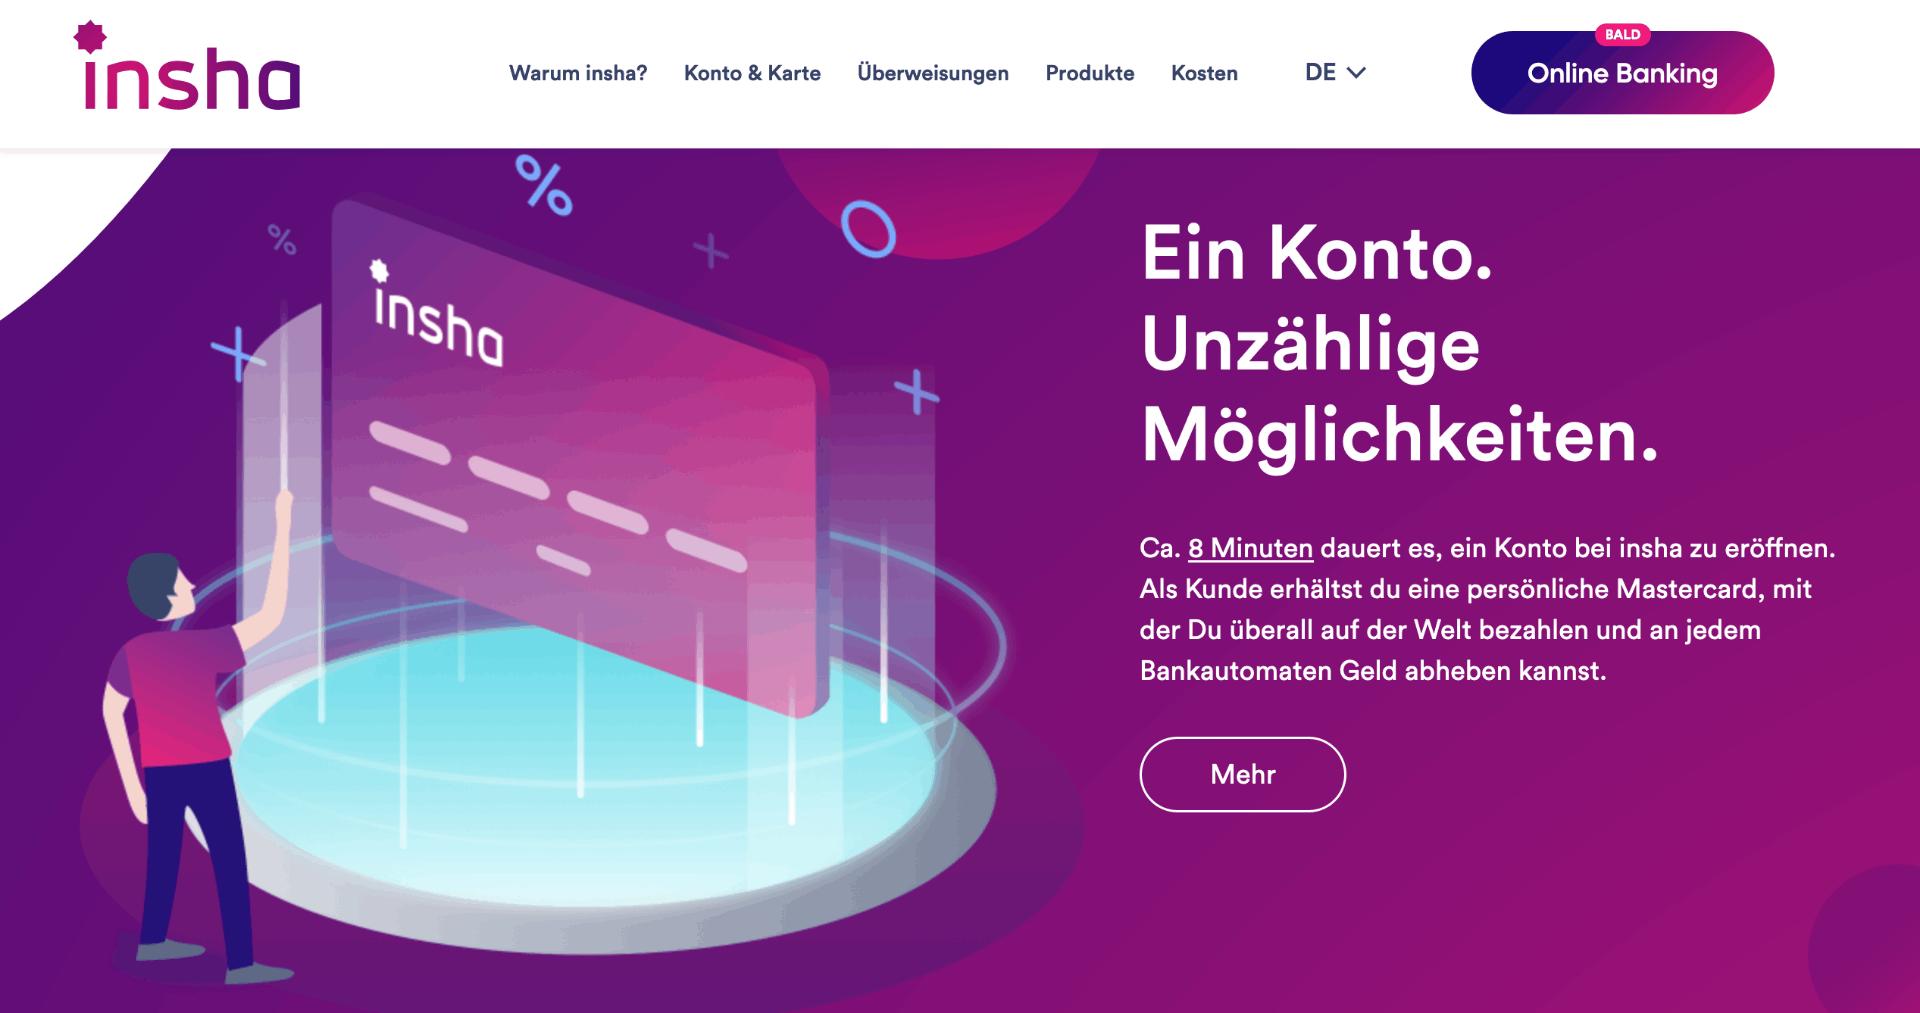 insha Debit Mastercard - Alle Infos Zu Den Konditionen & Zur Beantragung